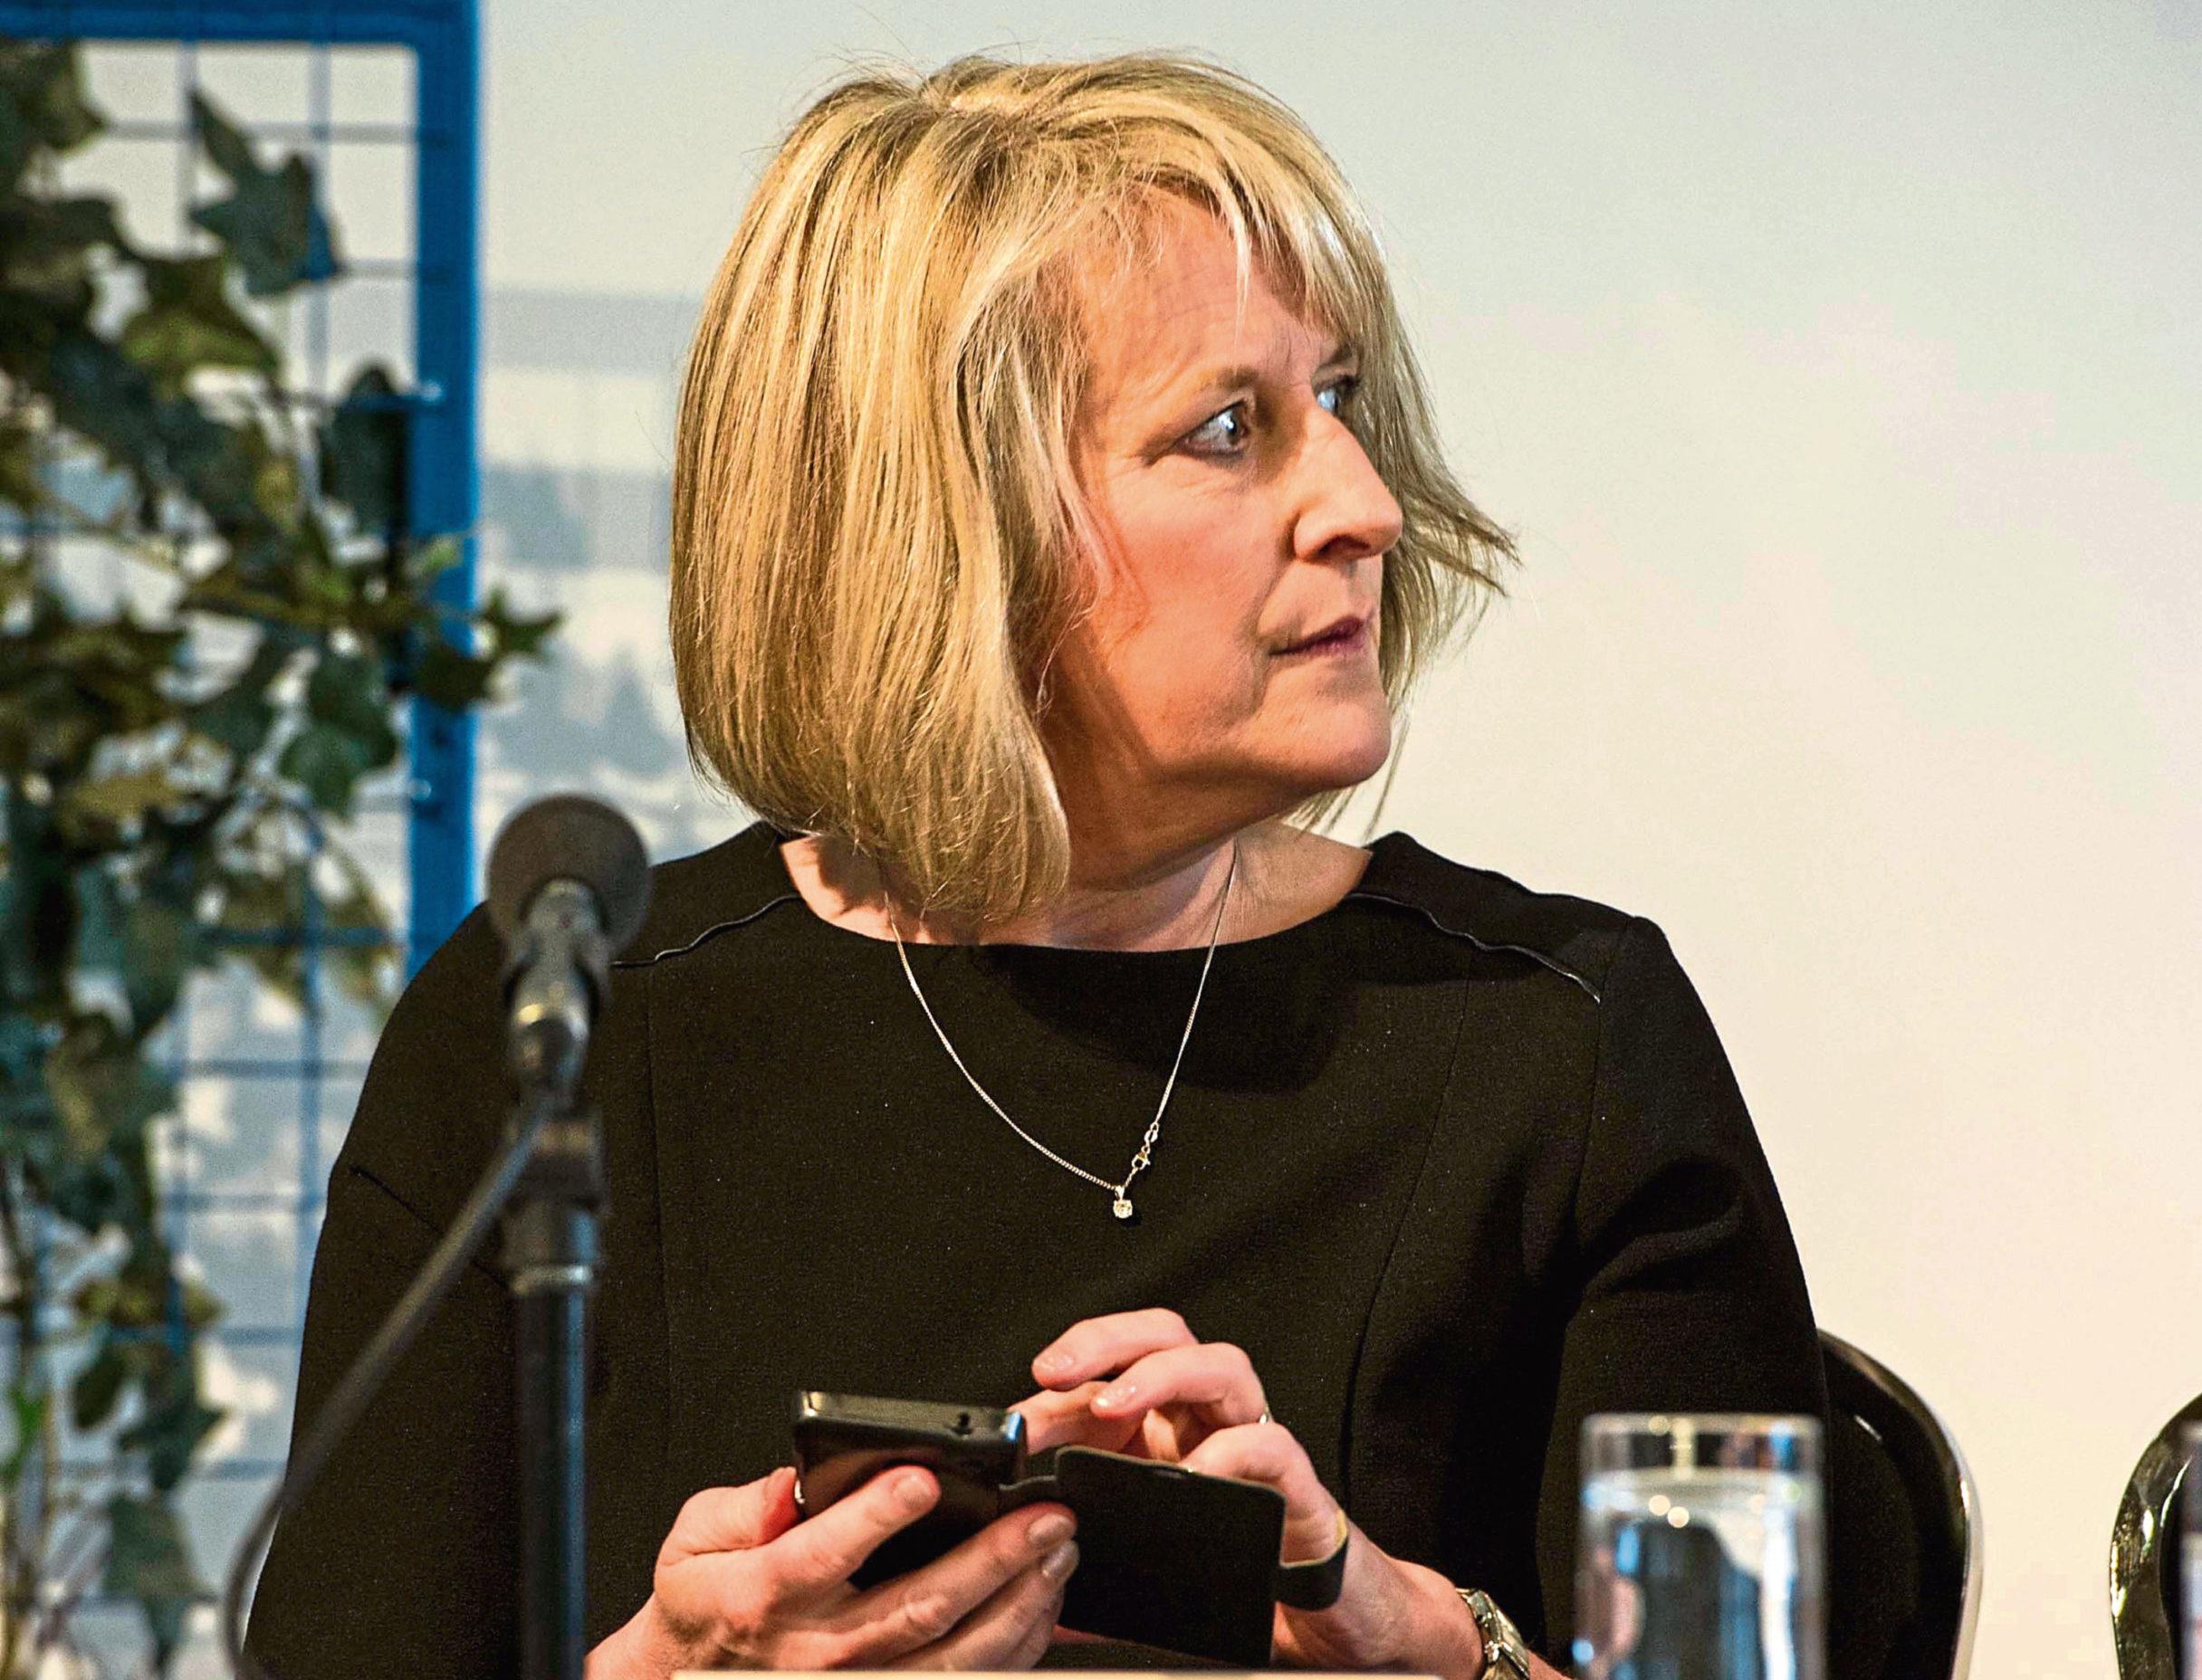 Holyrood editor Mandy Rhodes